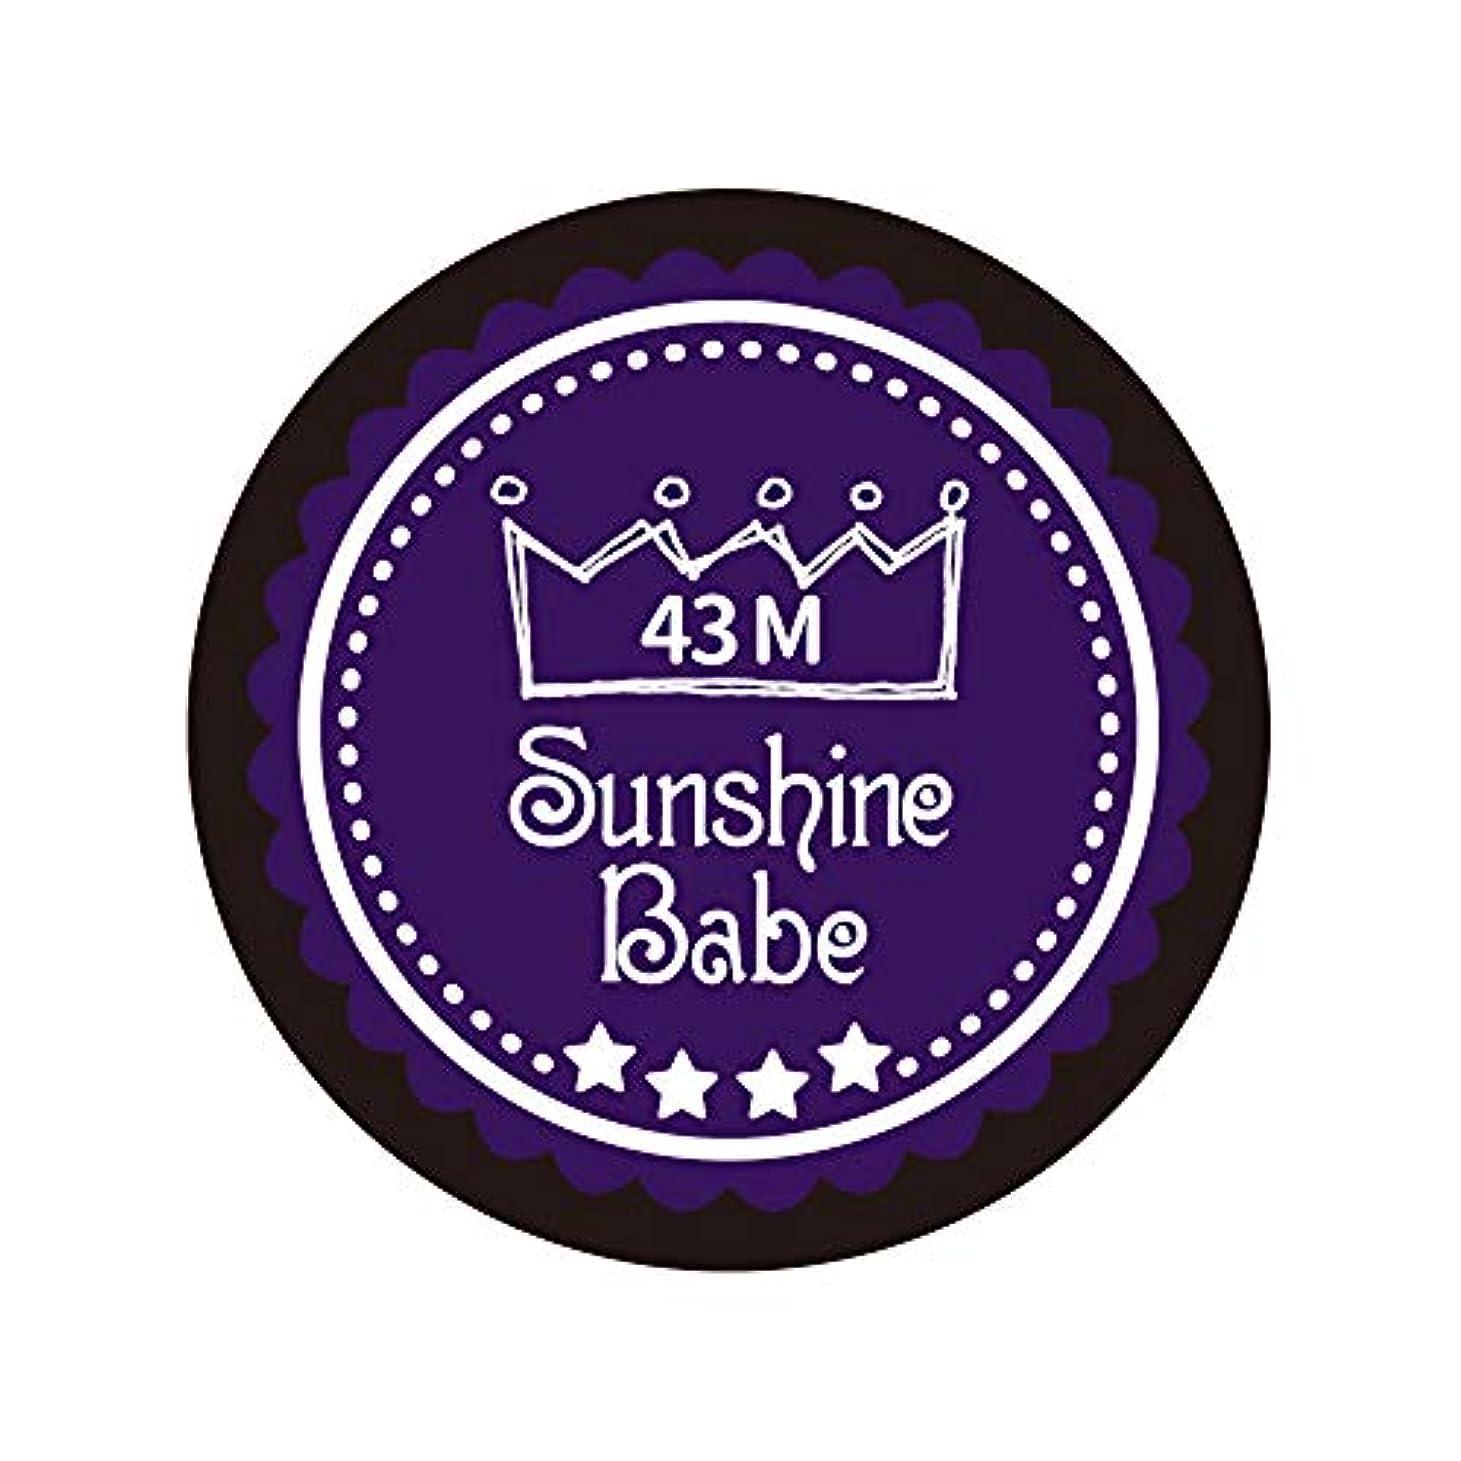 原因ドナウ川確認Sunshine Babe カラージェル 43M オータムウルトラバイオレット 2.7g UV/LED対応